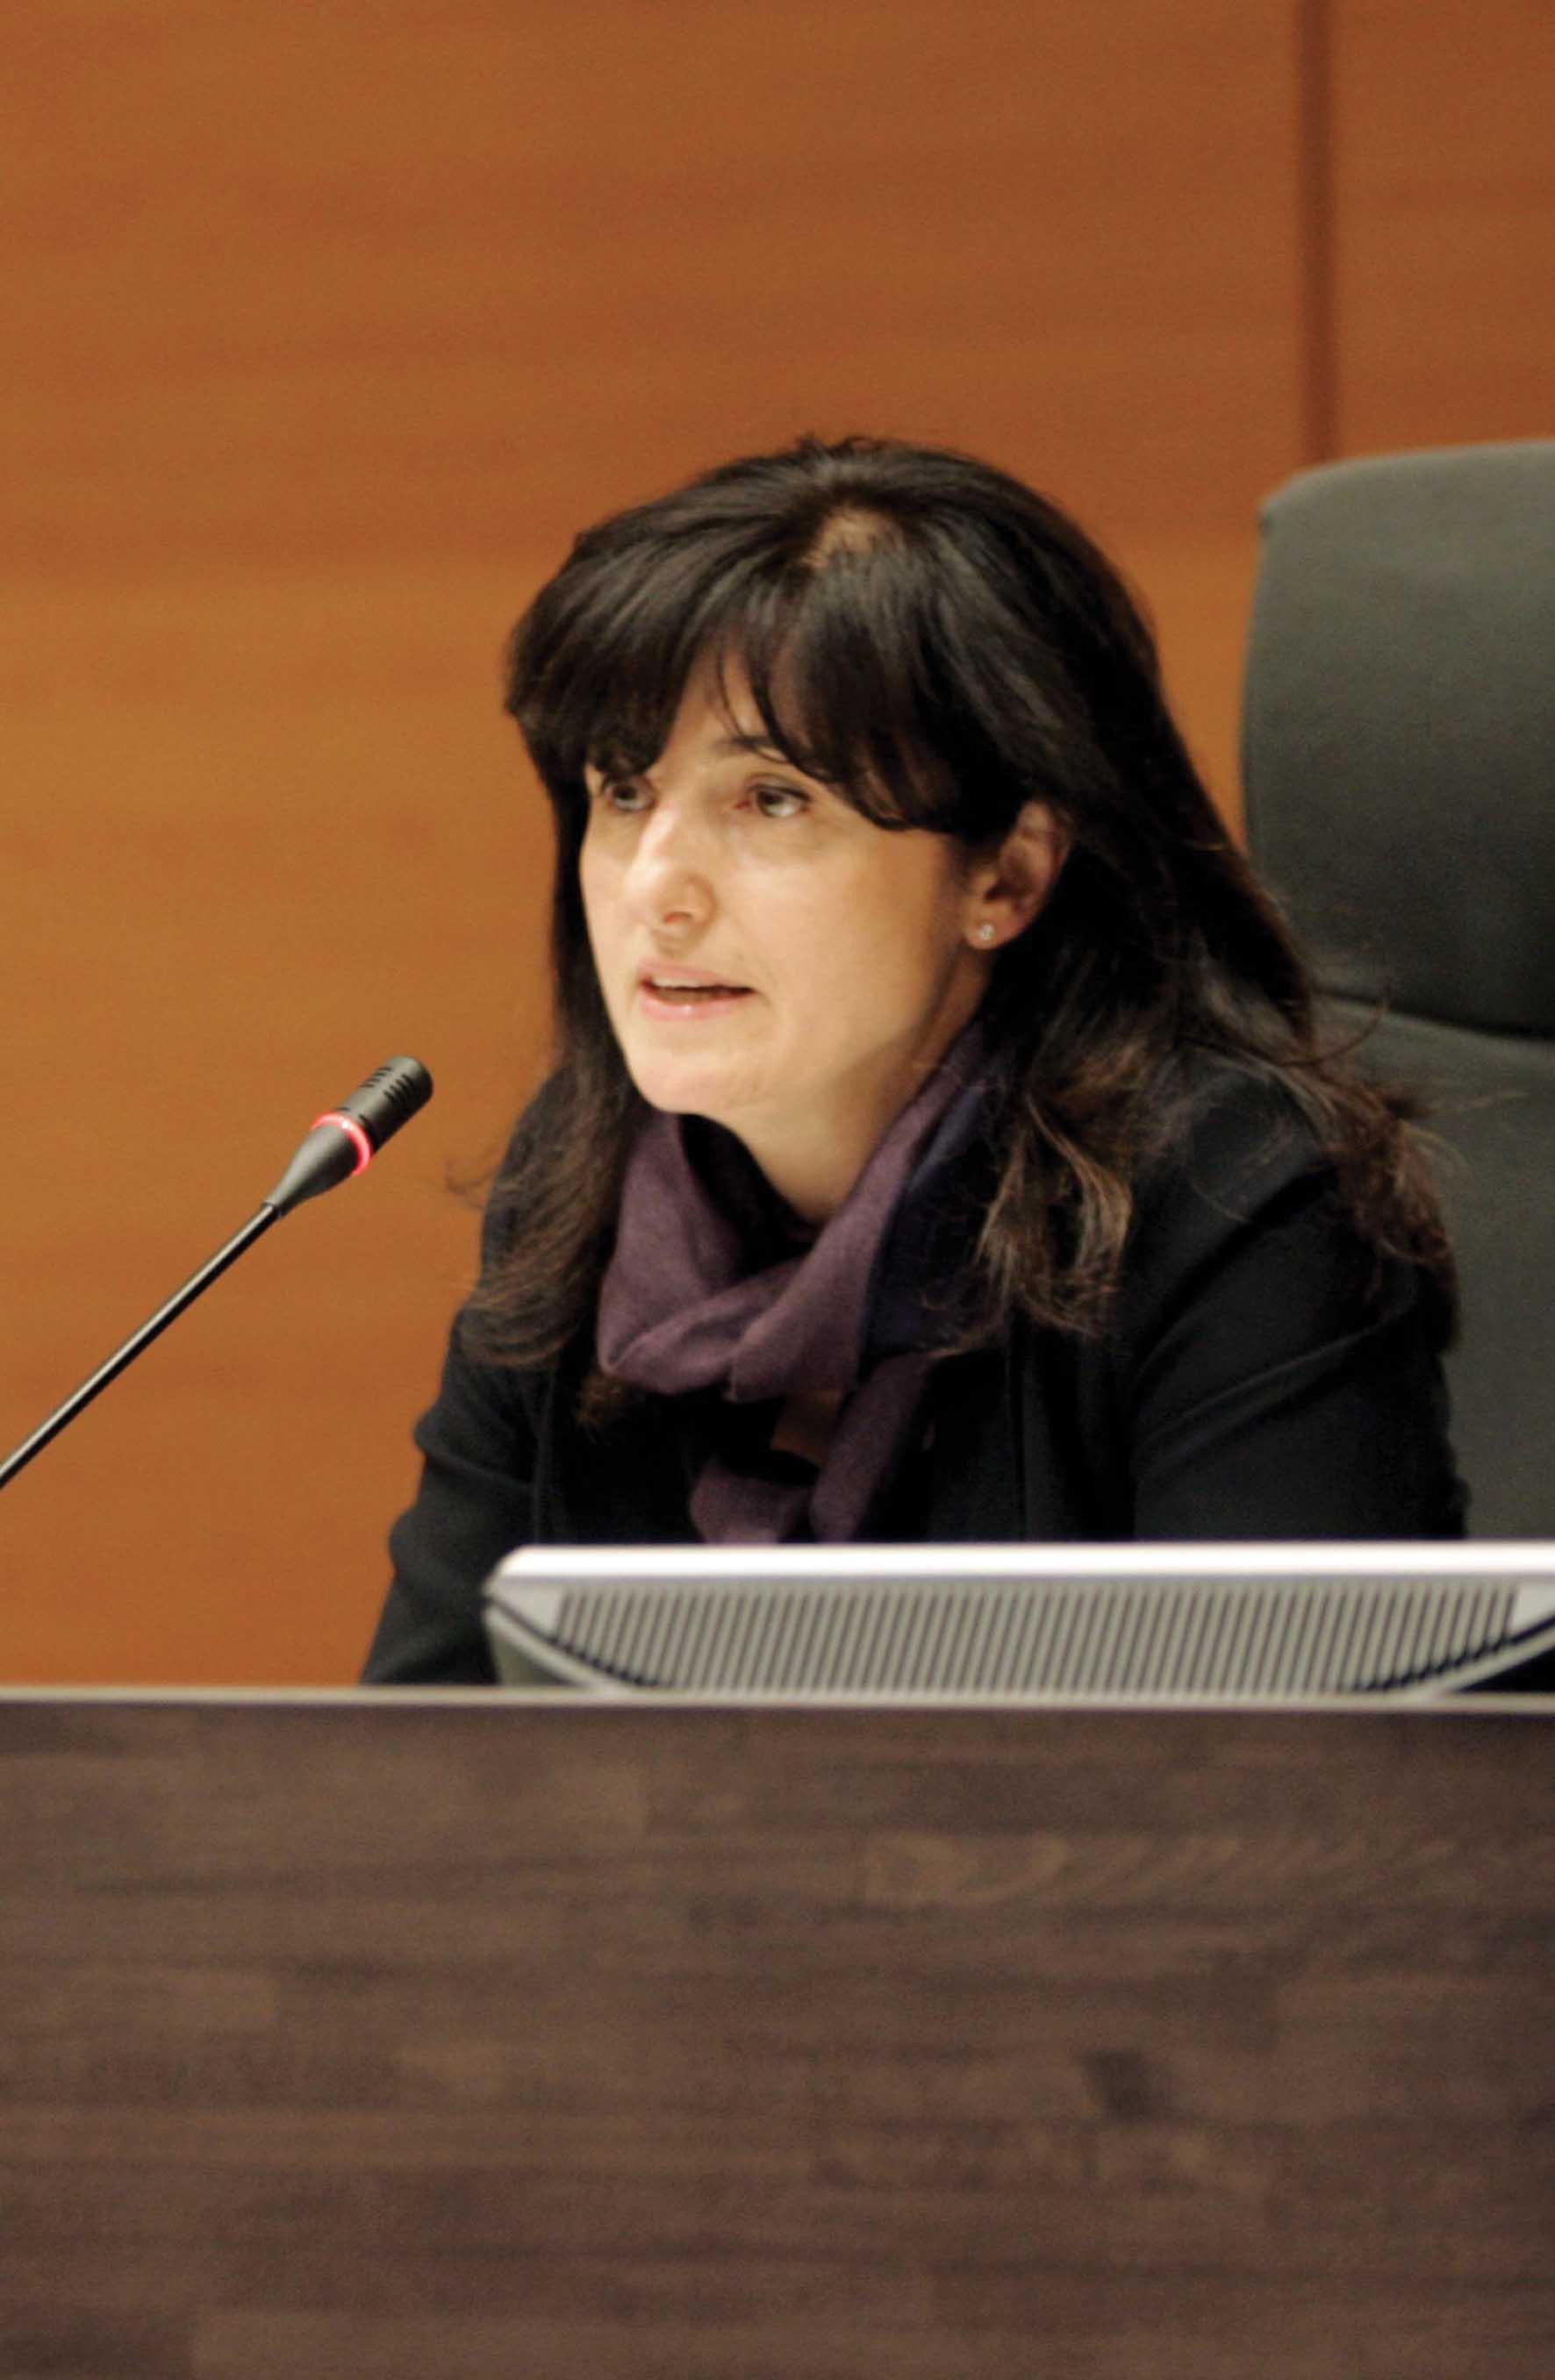 Mariangela Grosoli nuova presidente consorzio aceto balsamico modena 1